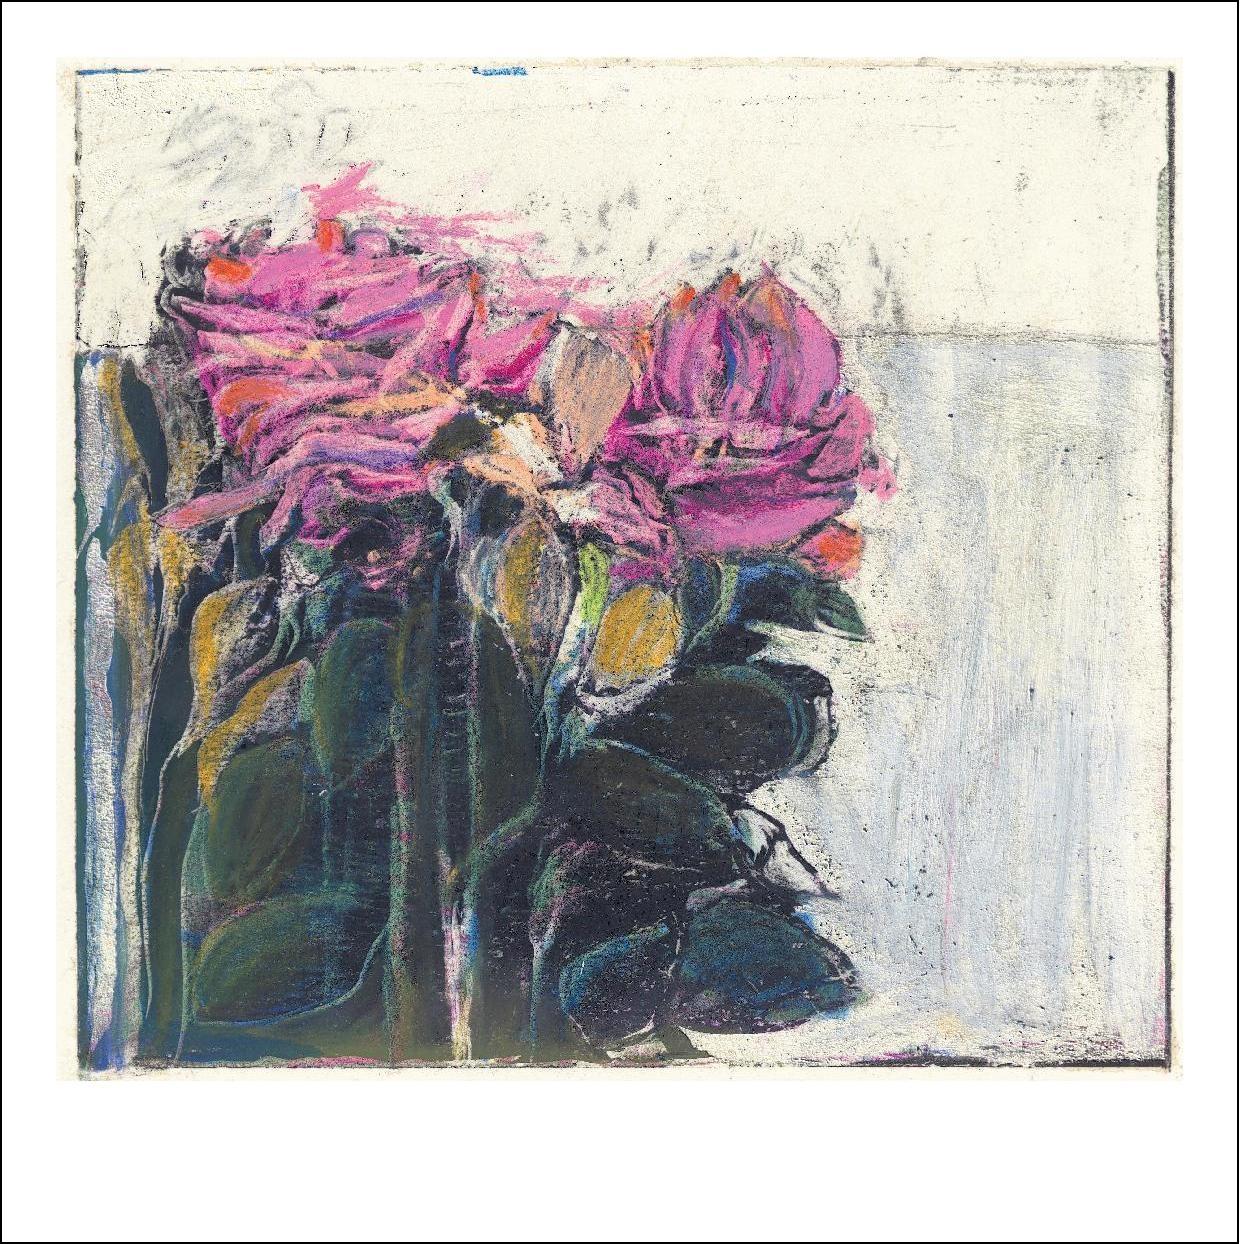 21_Rose 1_Ausstellung 3_Bild_21